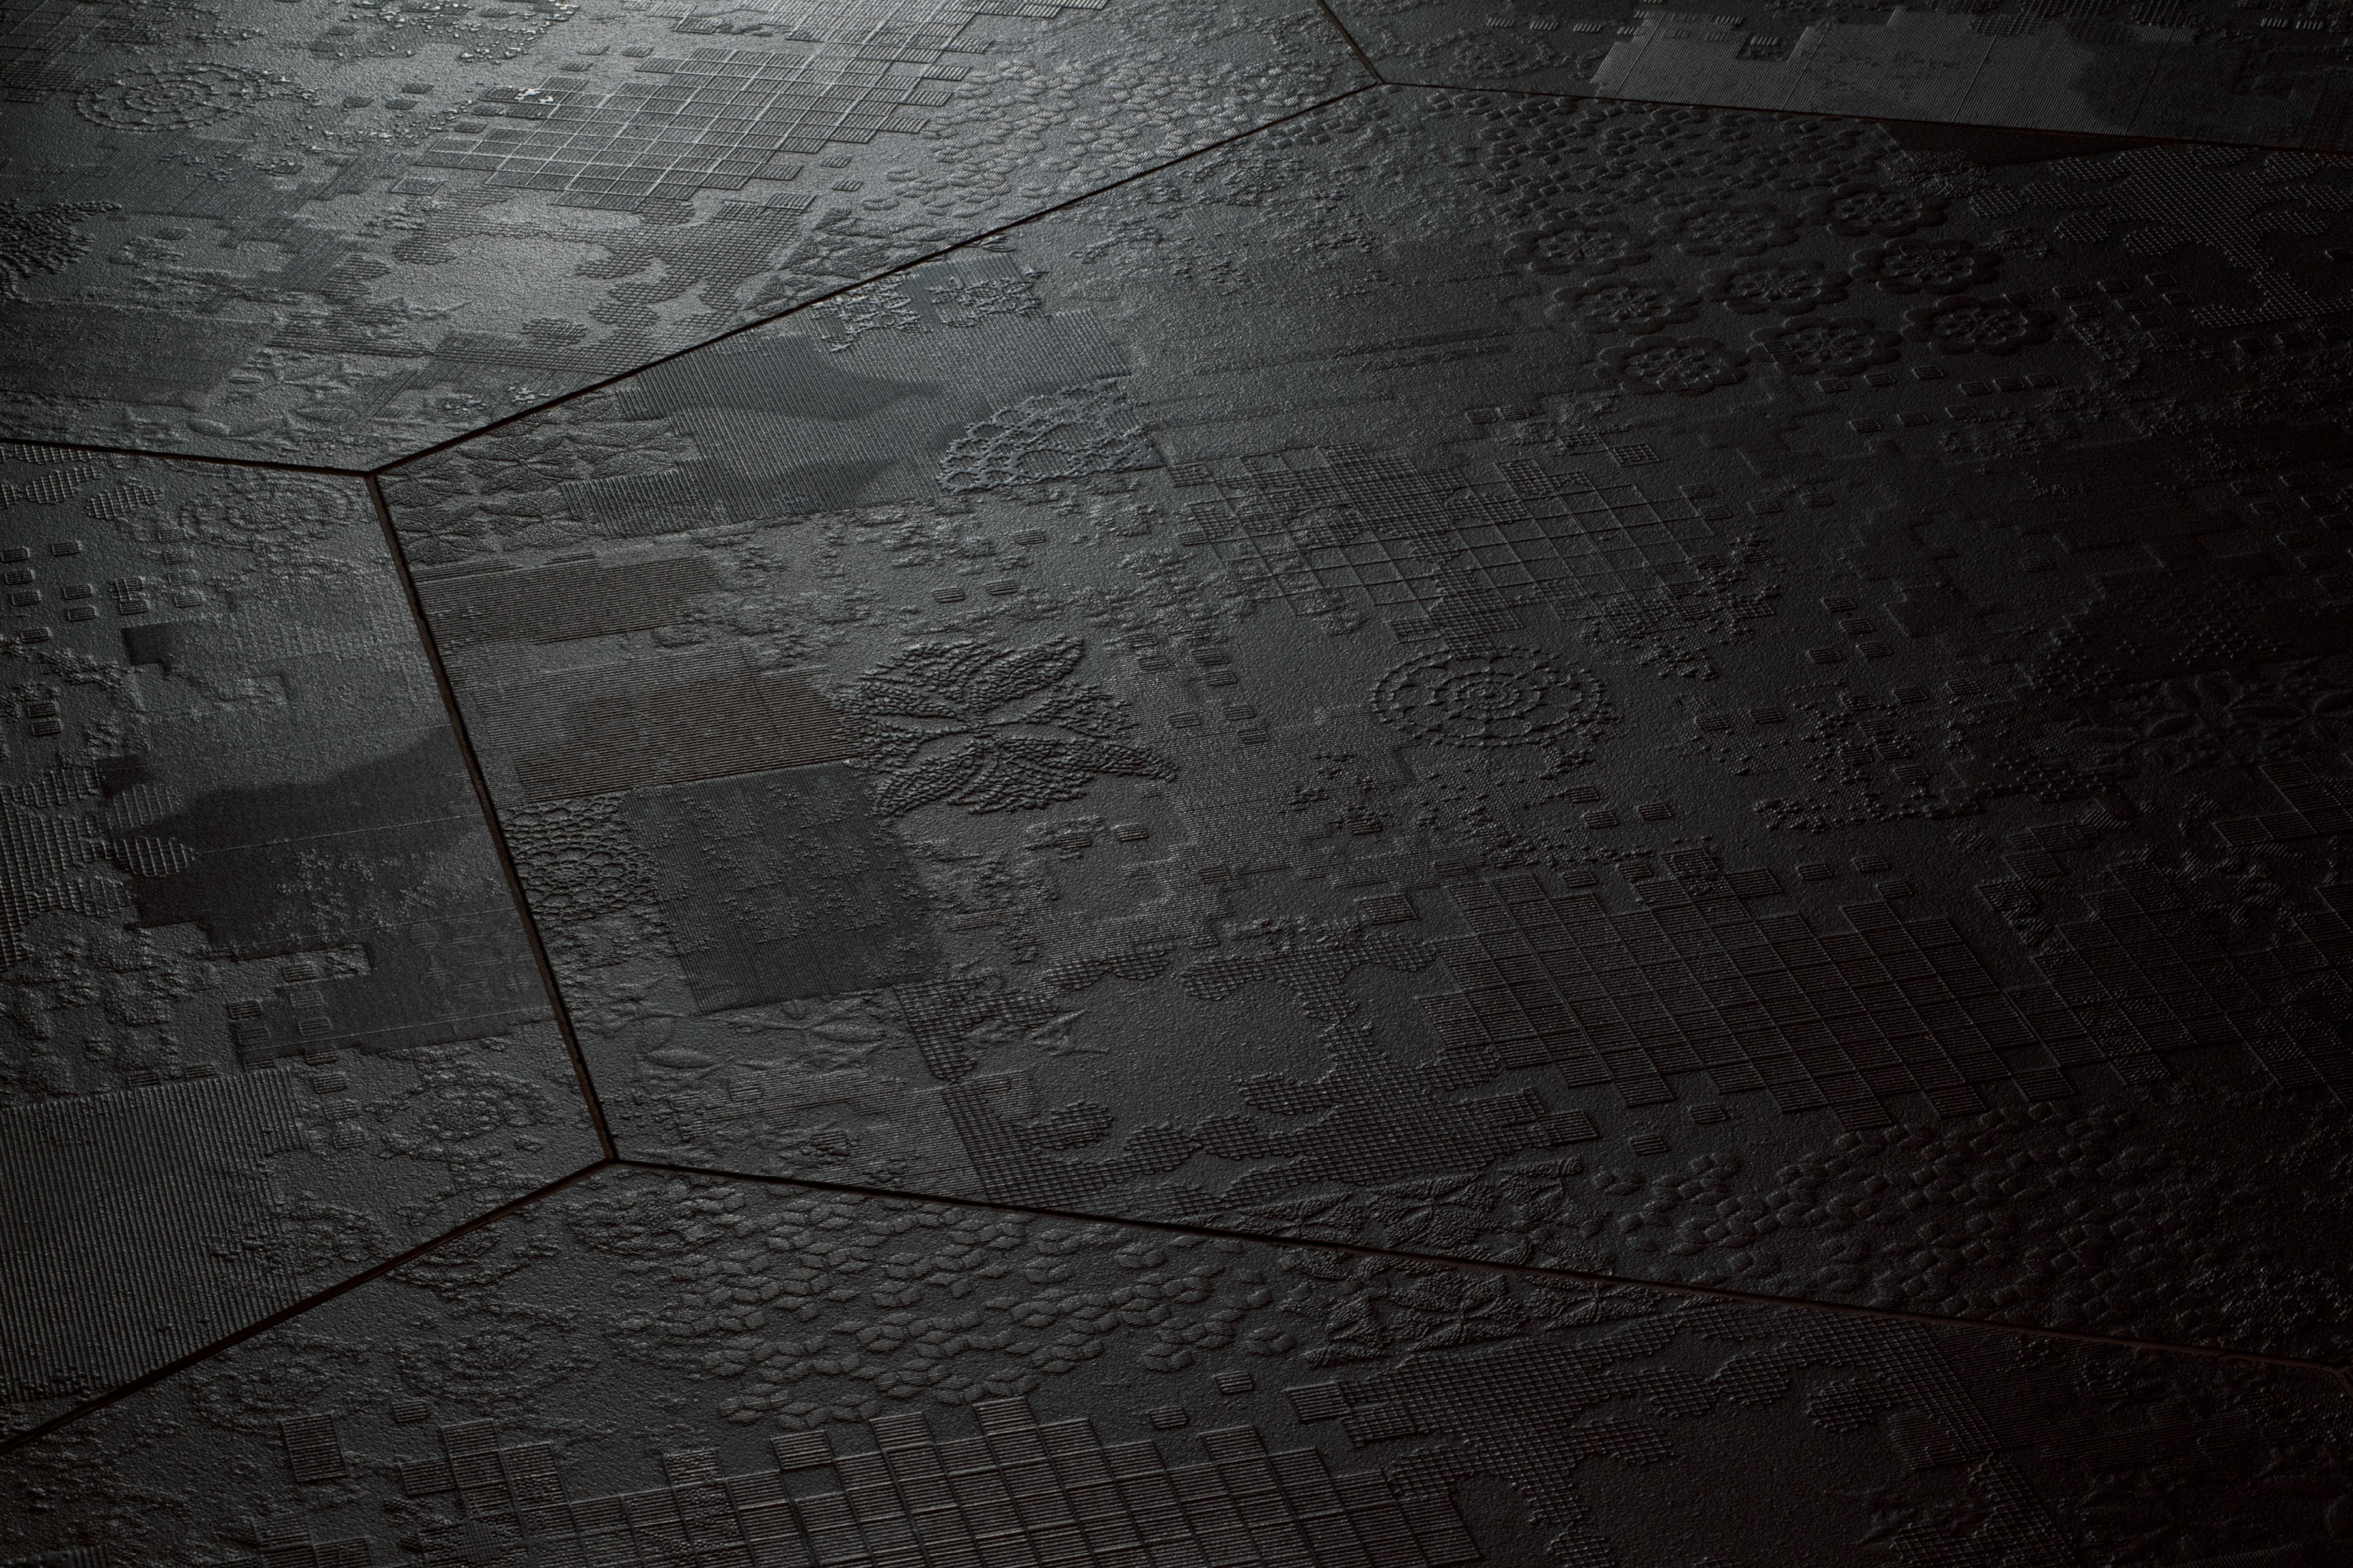 Indoor porcelain stoneware wall floor tiles dechirer decor for Big black floor tiles